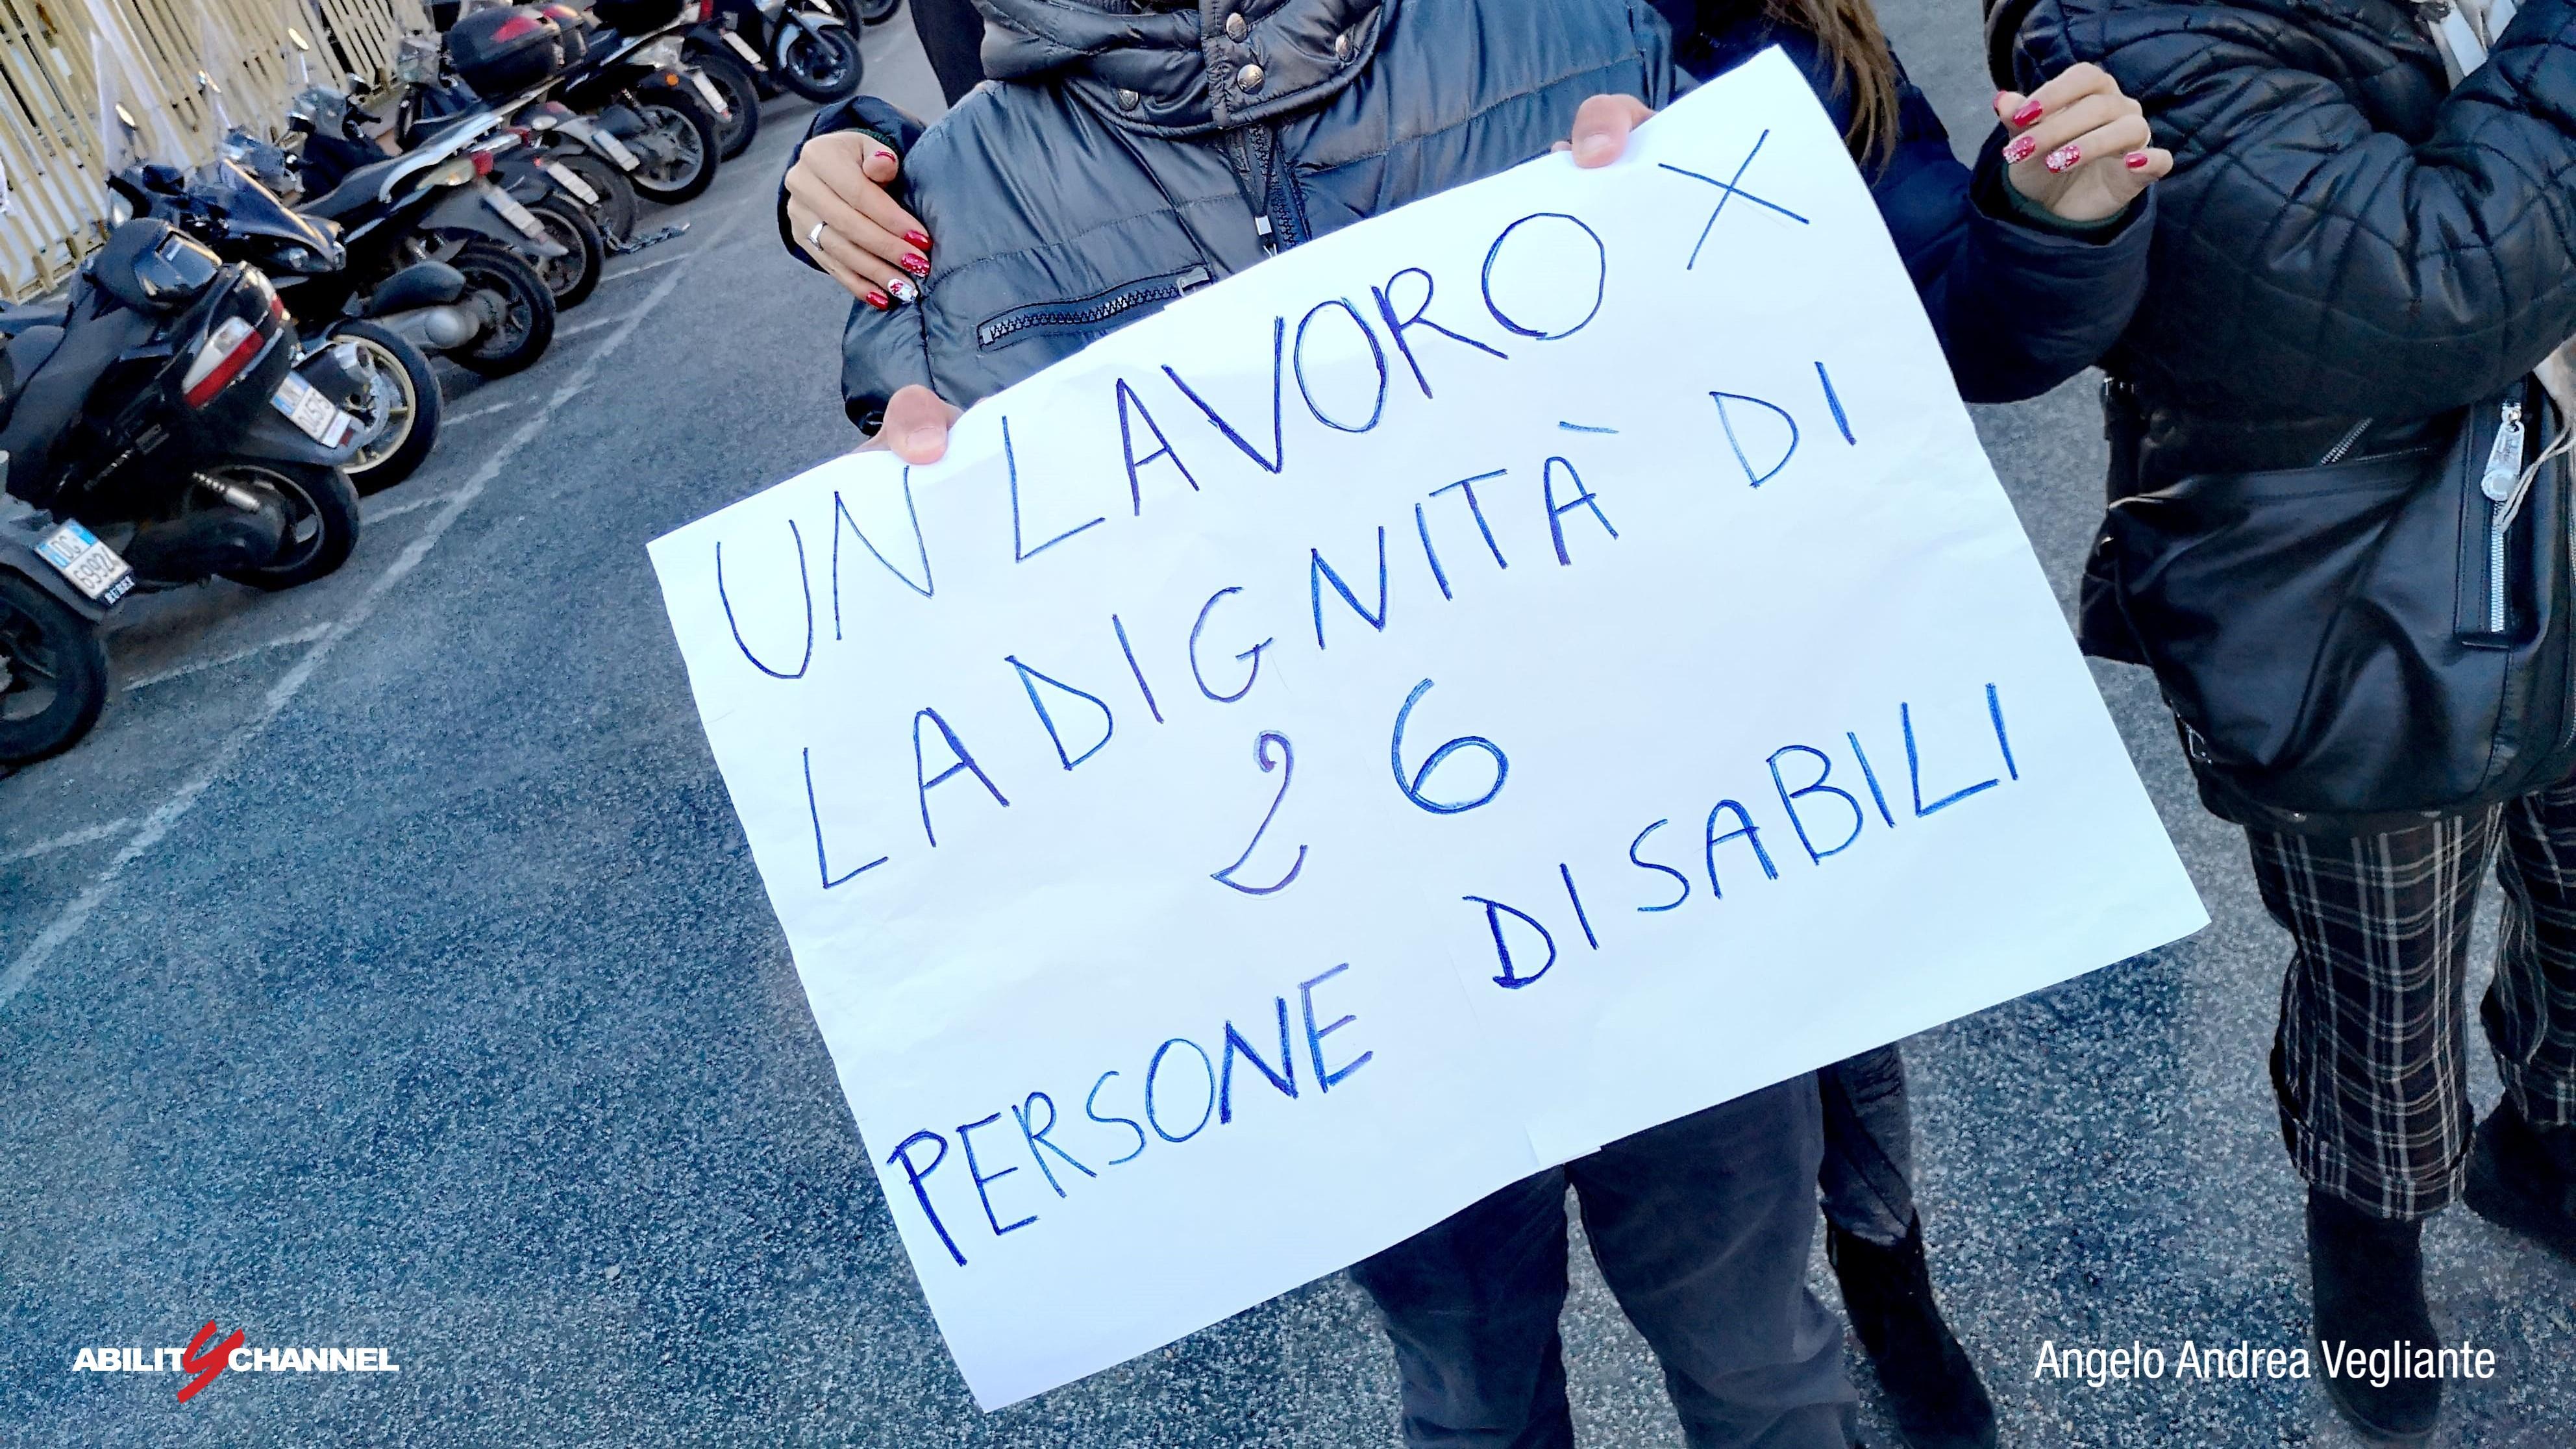 licenziamenti cooperativa acapo lavoratori disabili ability channel manifestazione regione lazio